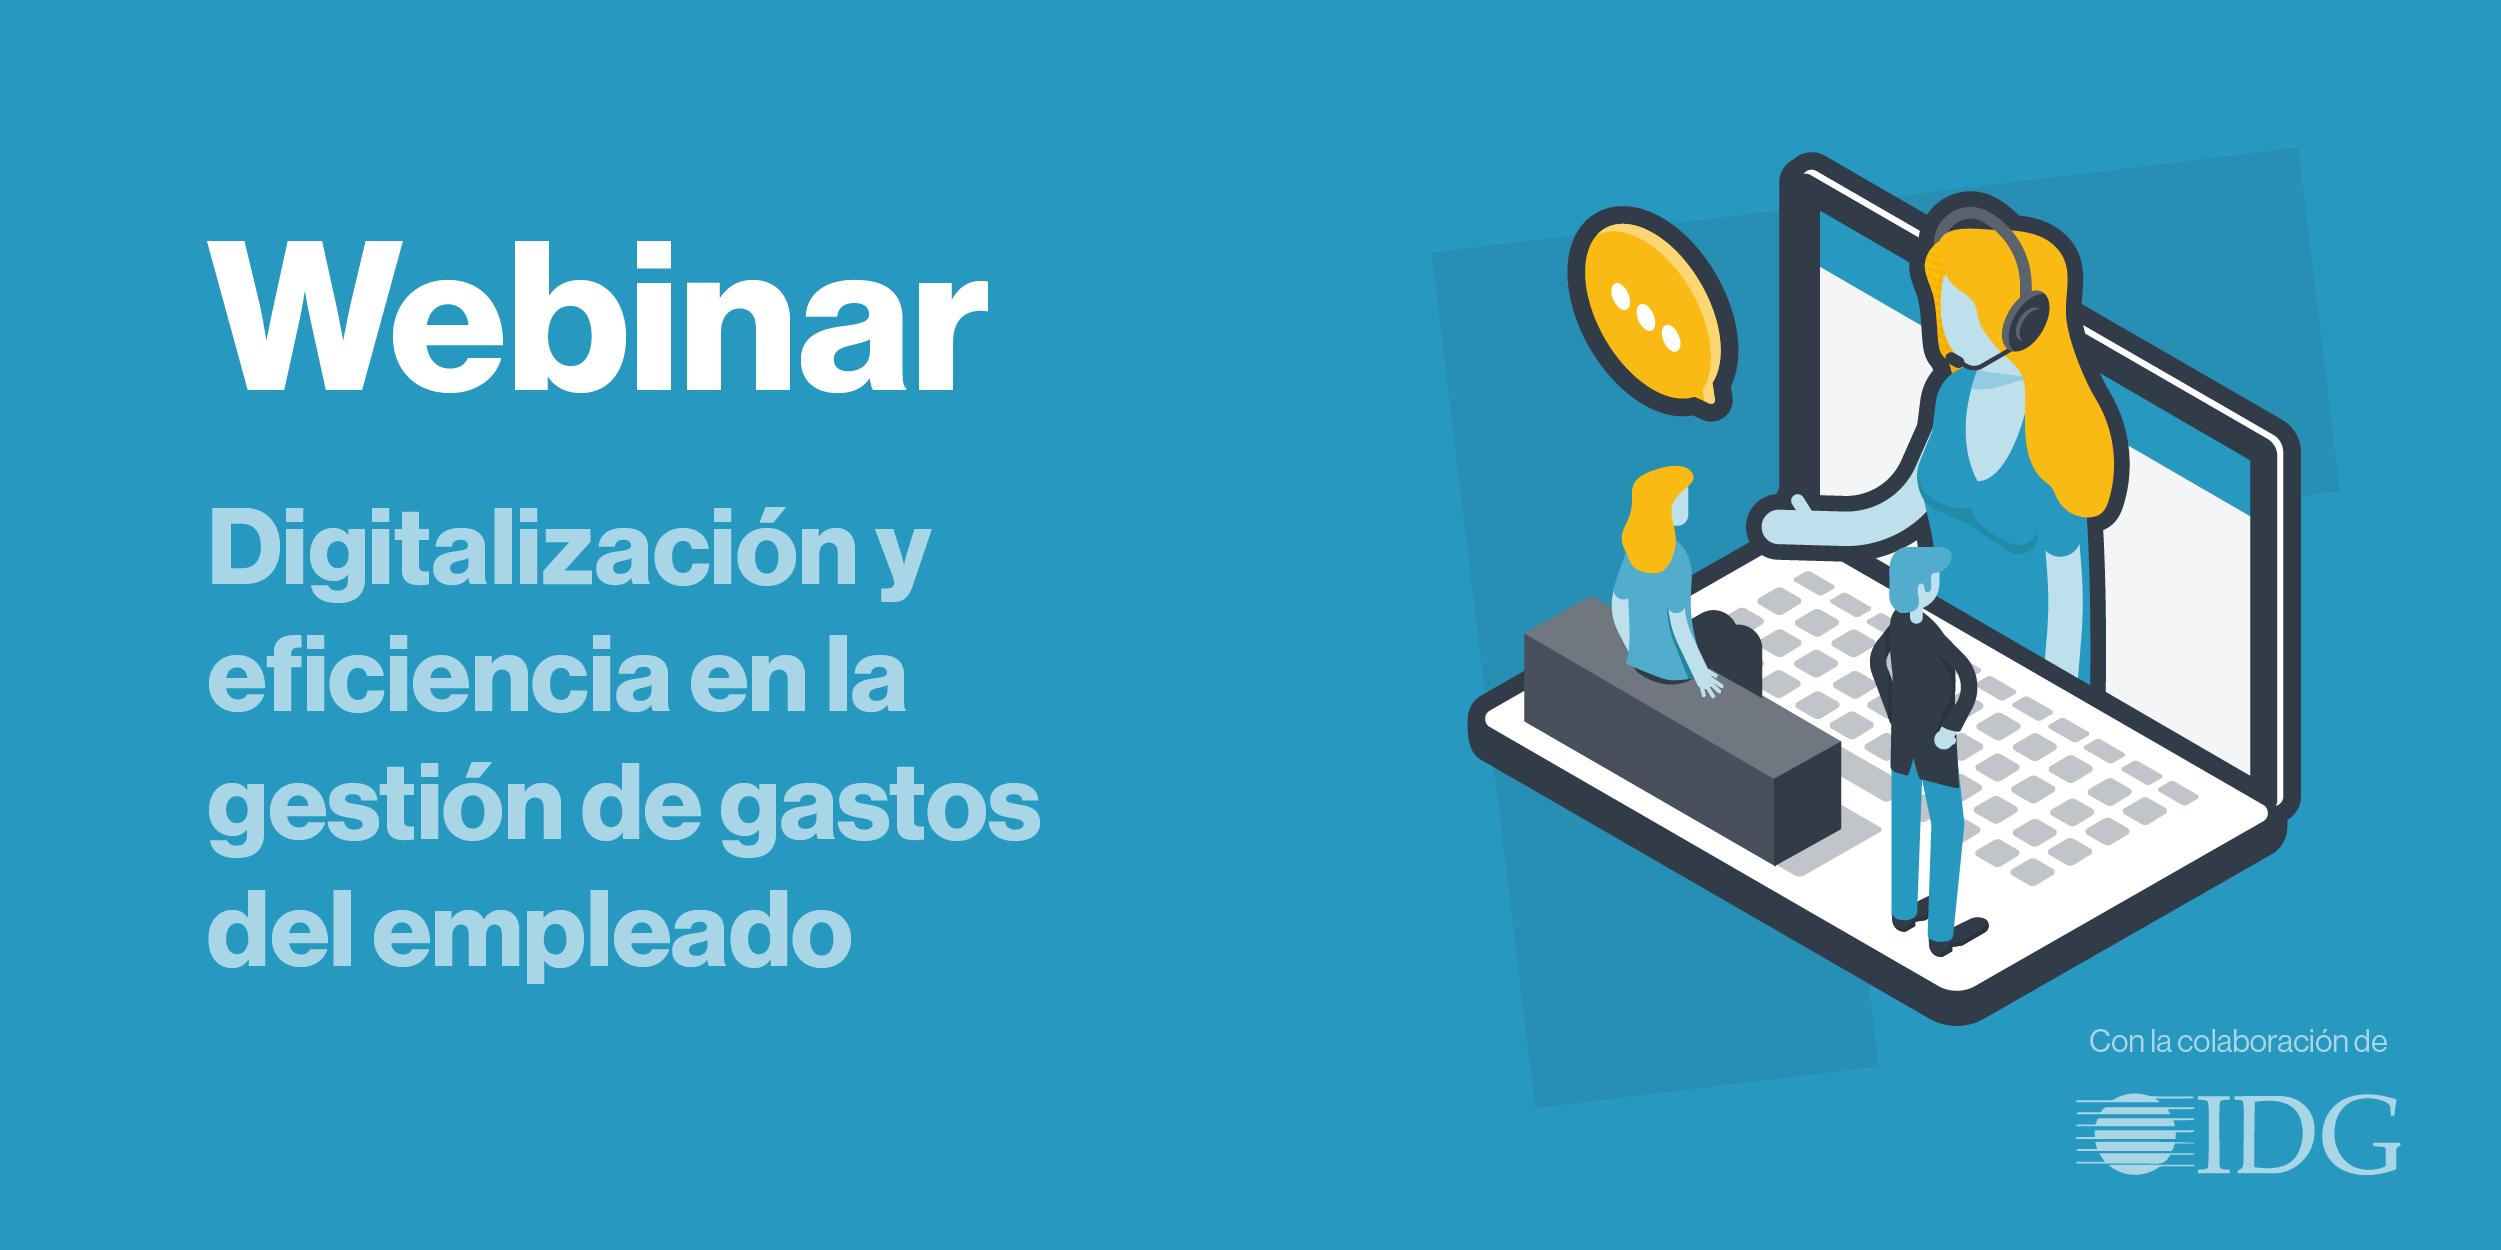 Webinar: digitalización y eficiencia en la gestión de gastos del empleado